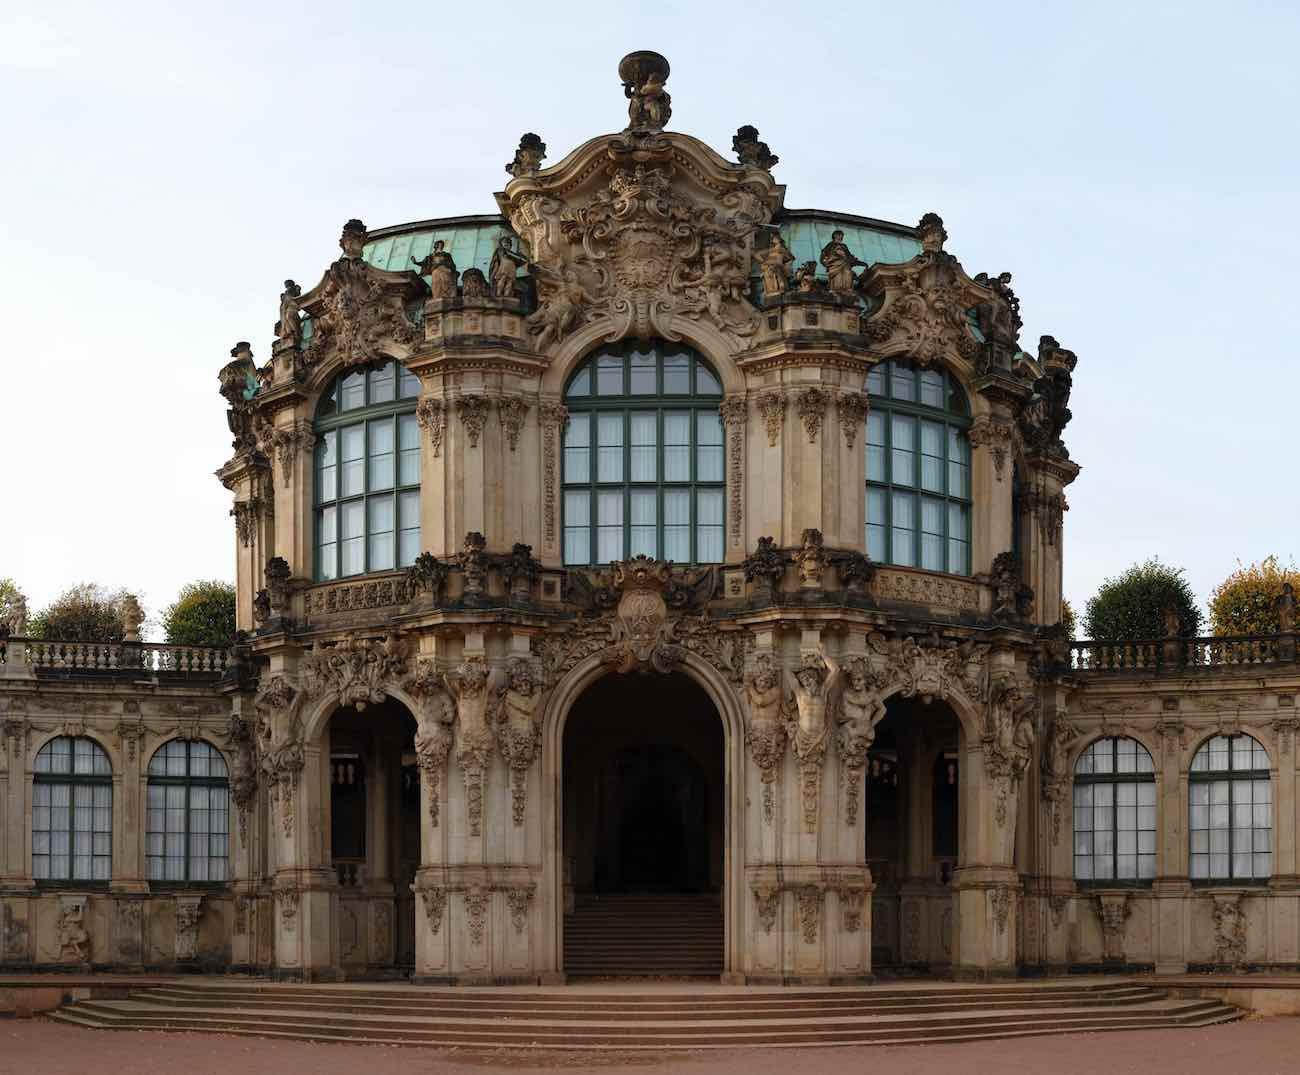 Wallpavillon im Dresdner Zwinger